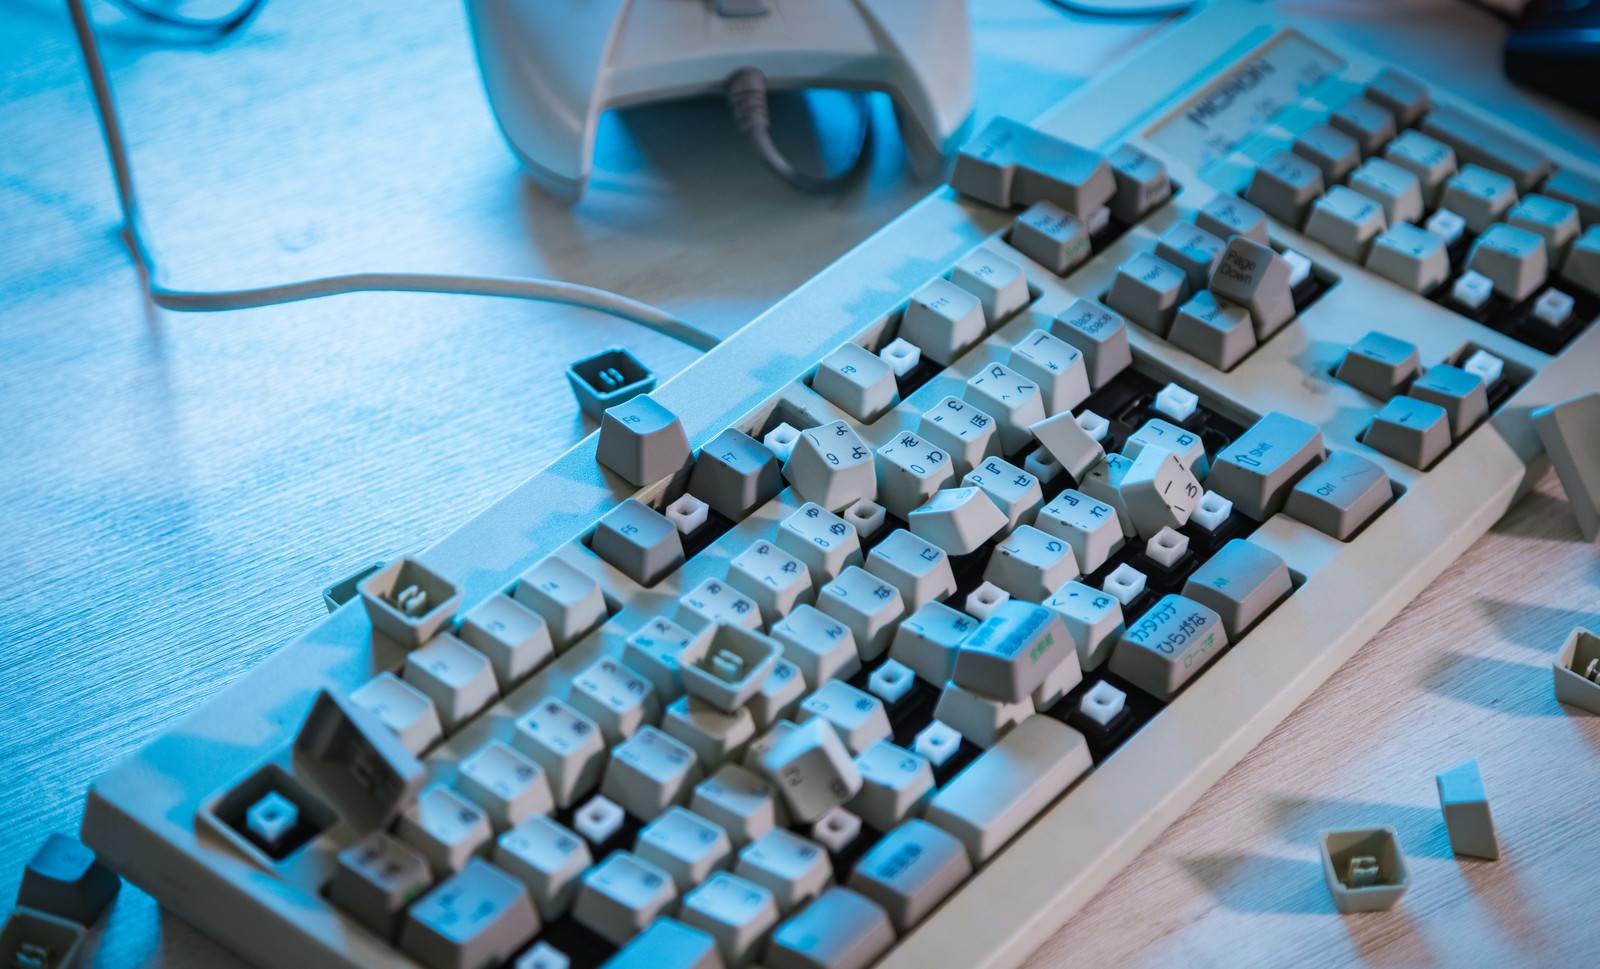 「ボロボロになったキーボード」の写真